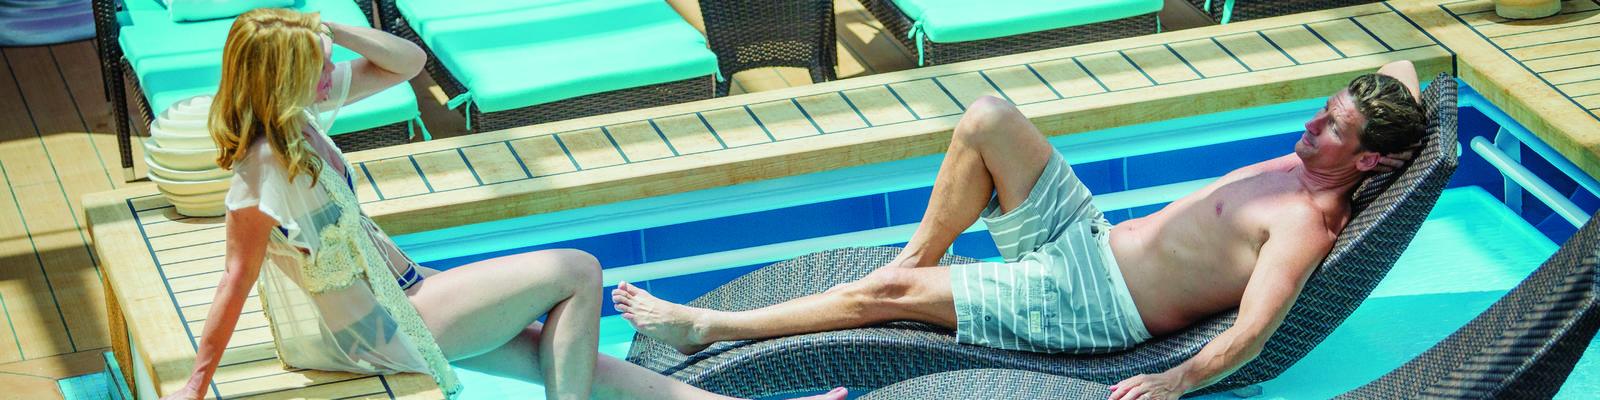 Lounging pool in Norwegian Breakaway's Haven Complex (Photo: Norwegian Cruise Line)